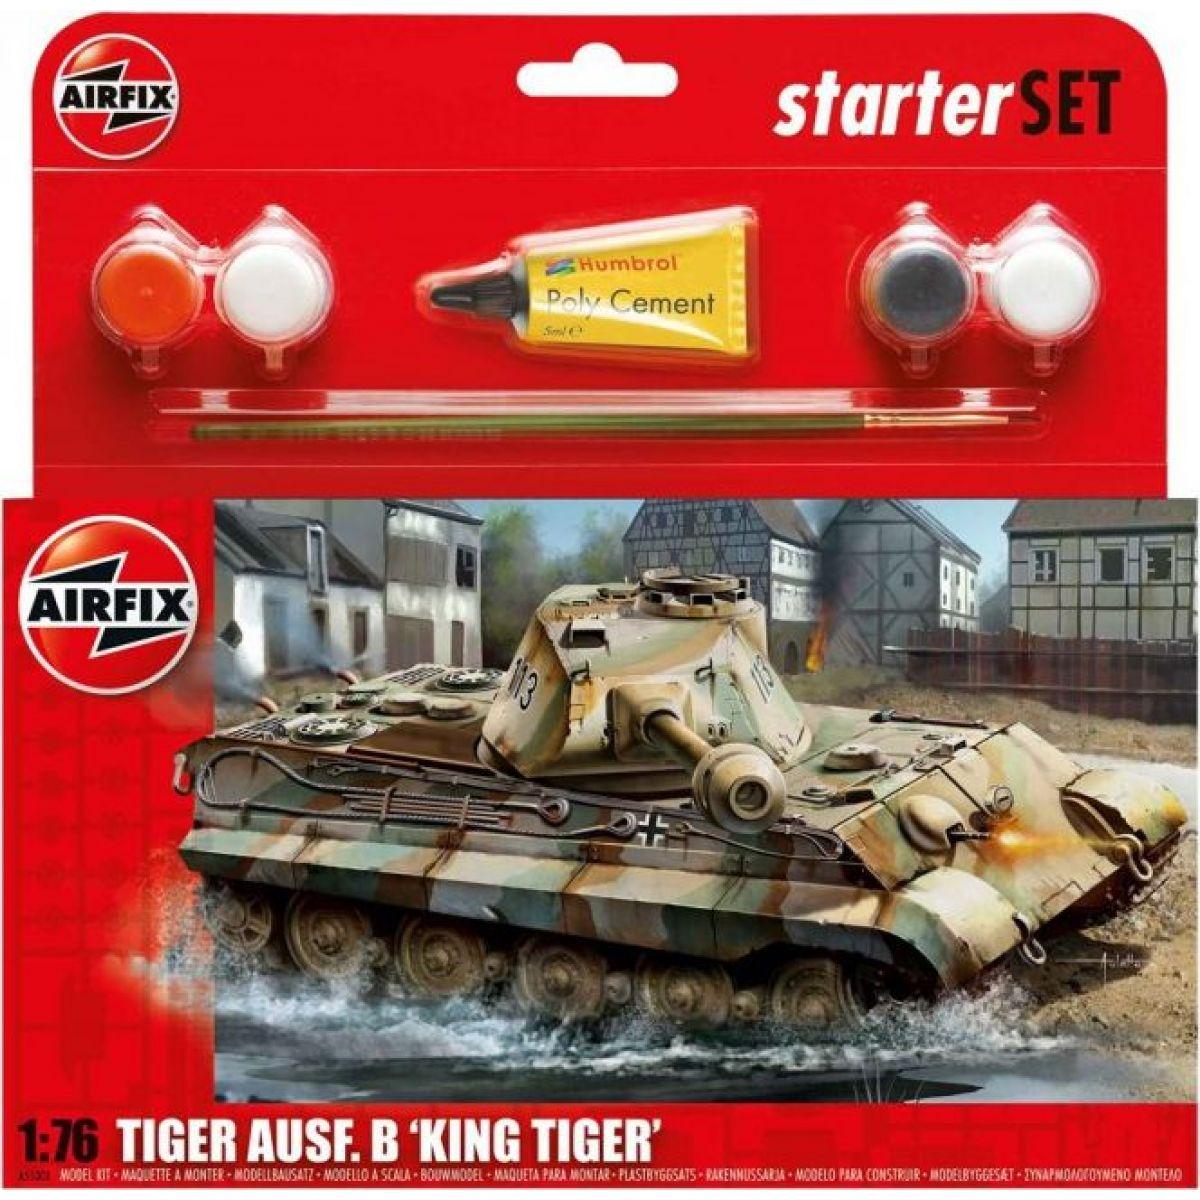 Airfix Starter Set tank King Tiger Tank 1:76